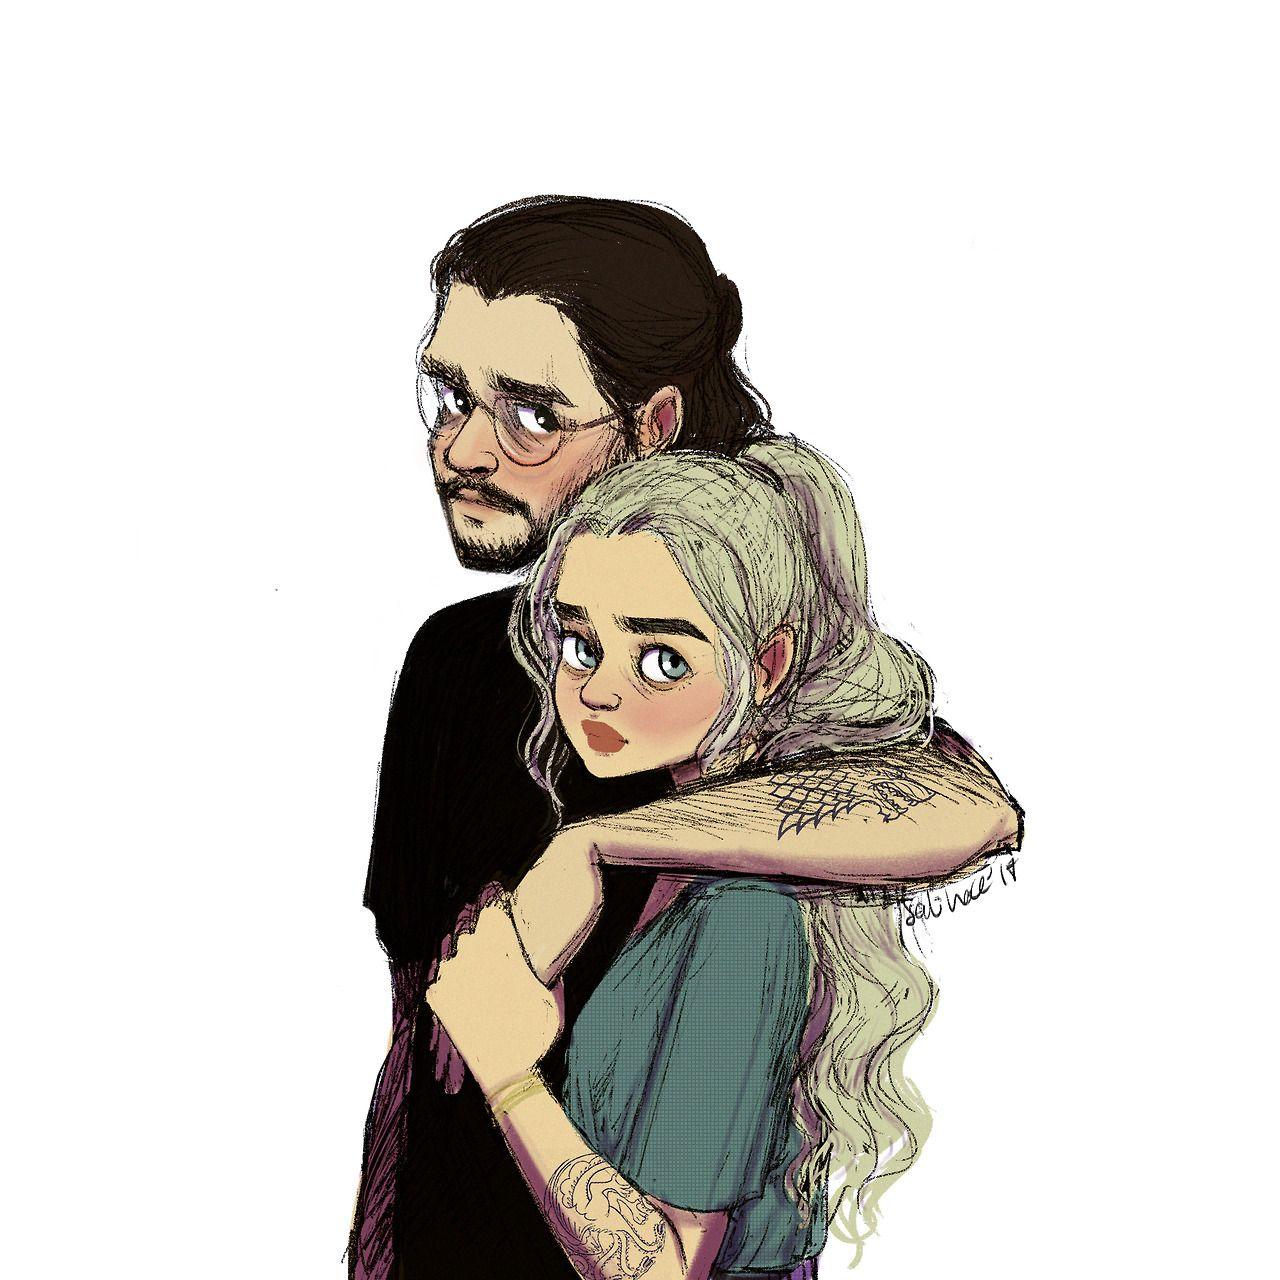 jon snow dating khaleesi